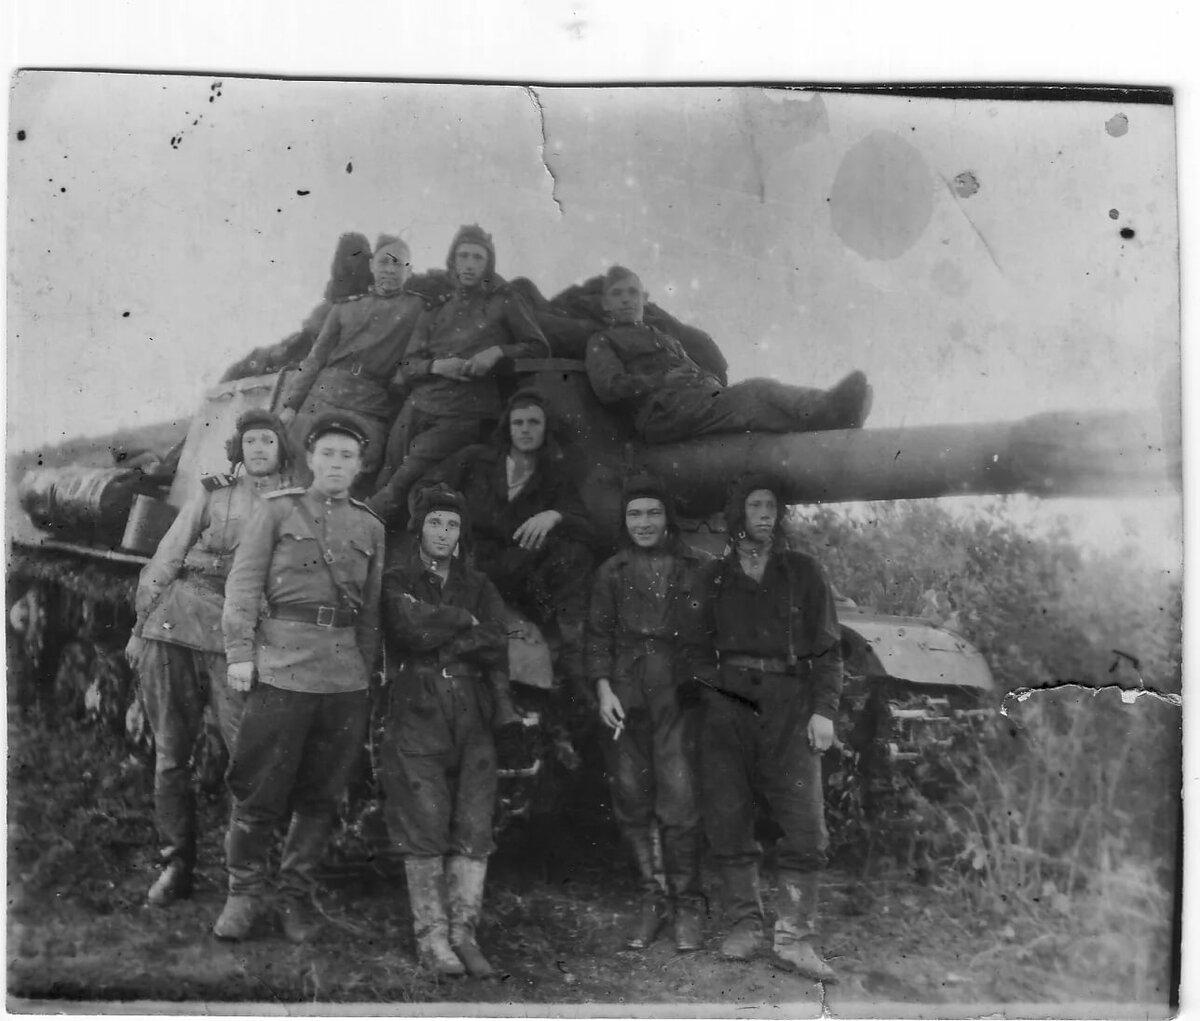 нее, фотографии танкистов вов волшебные